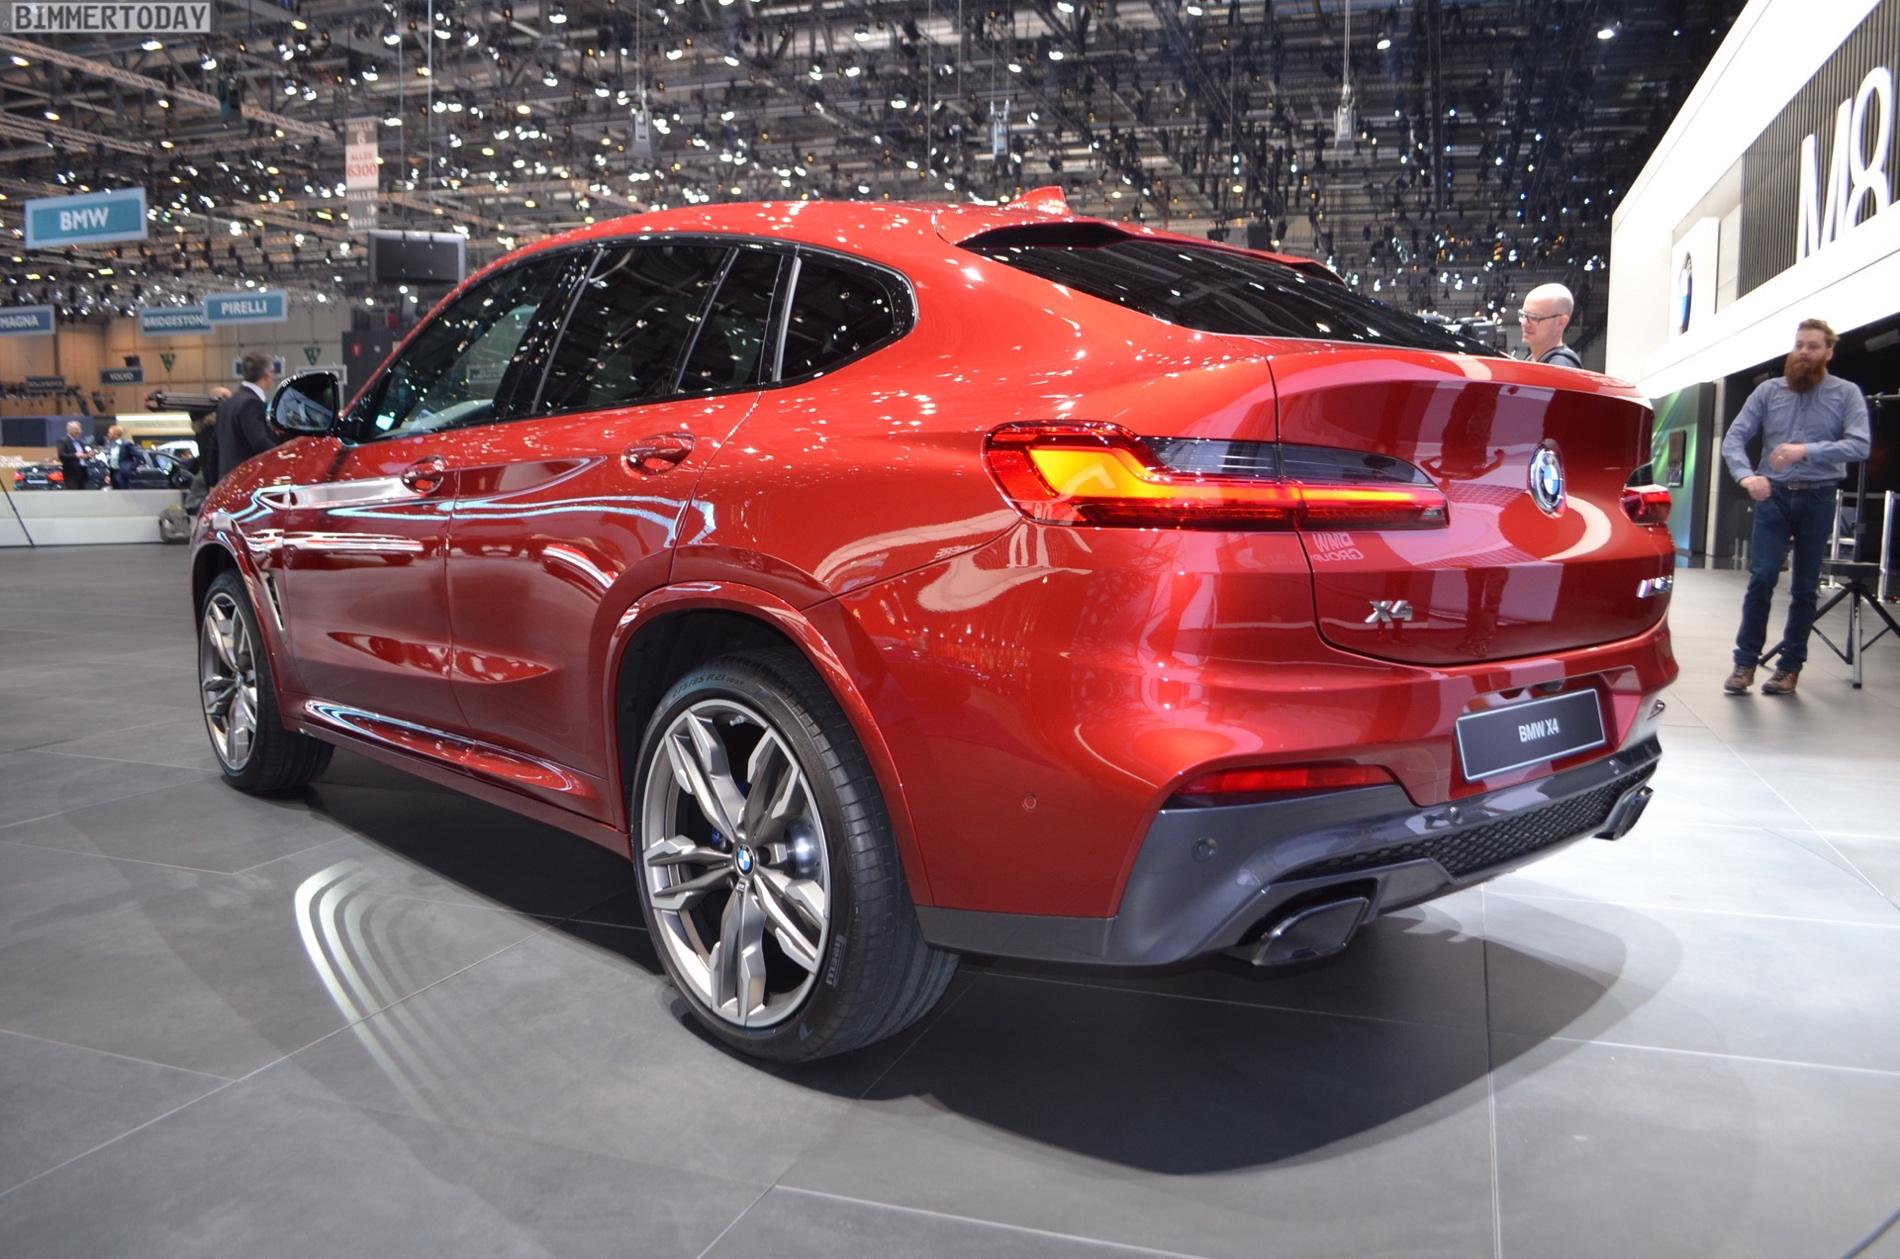 Bmw Of Newton >> 2018 Geneva Motor Show: New BMW X4 in Flamenco Red